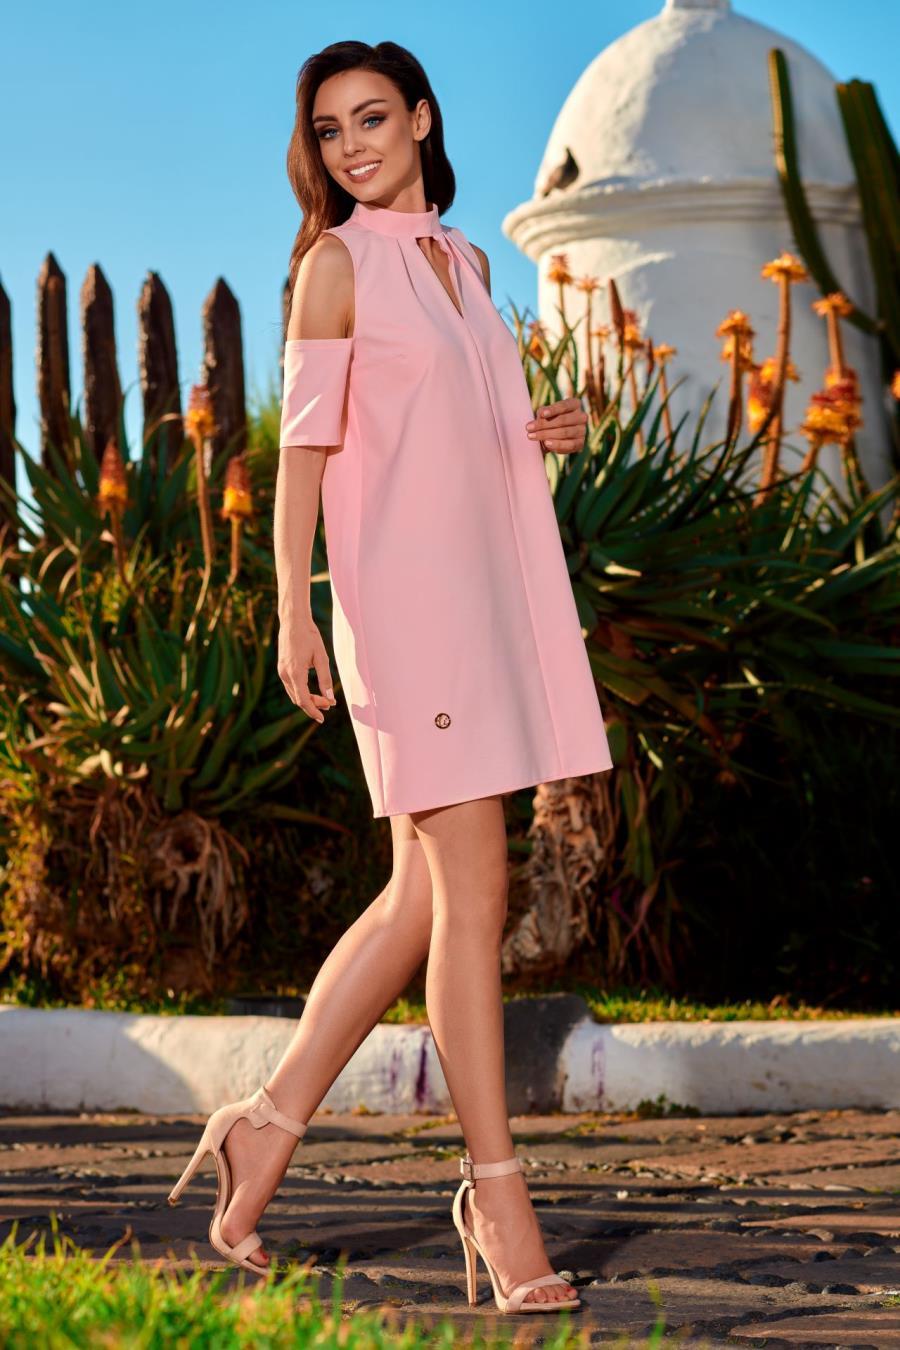 bc6a189a34 Trapezowa Sukienka z Odkrytymi Ramionami Pudrowa LEL245 BESIMA.pl